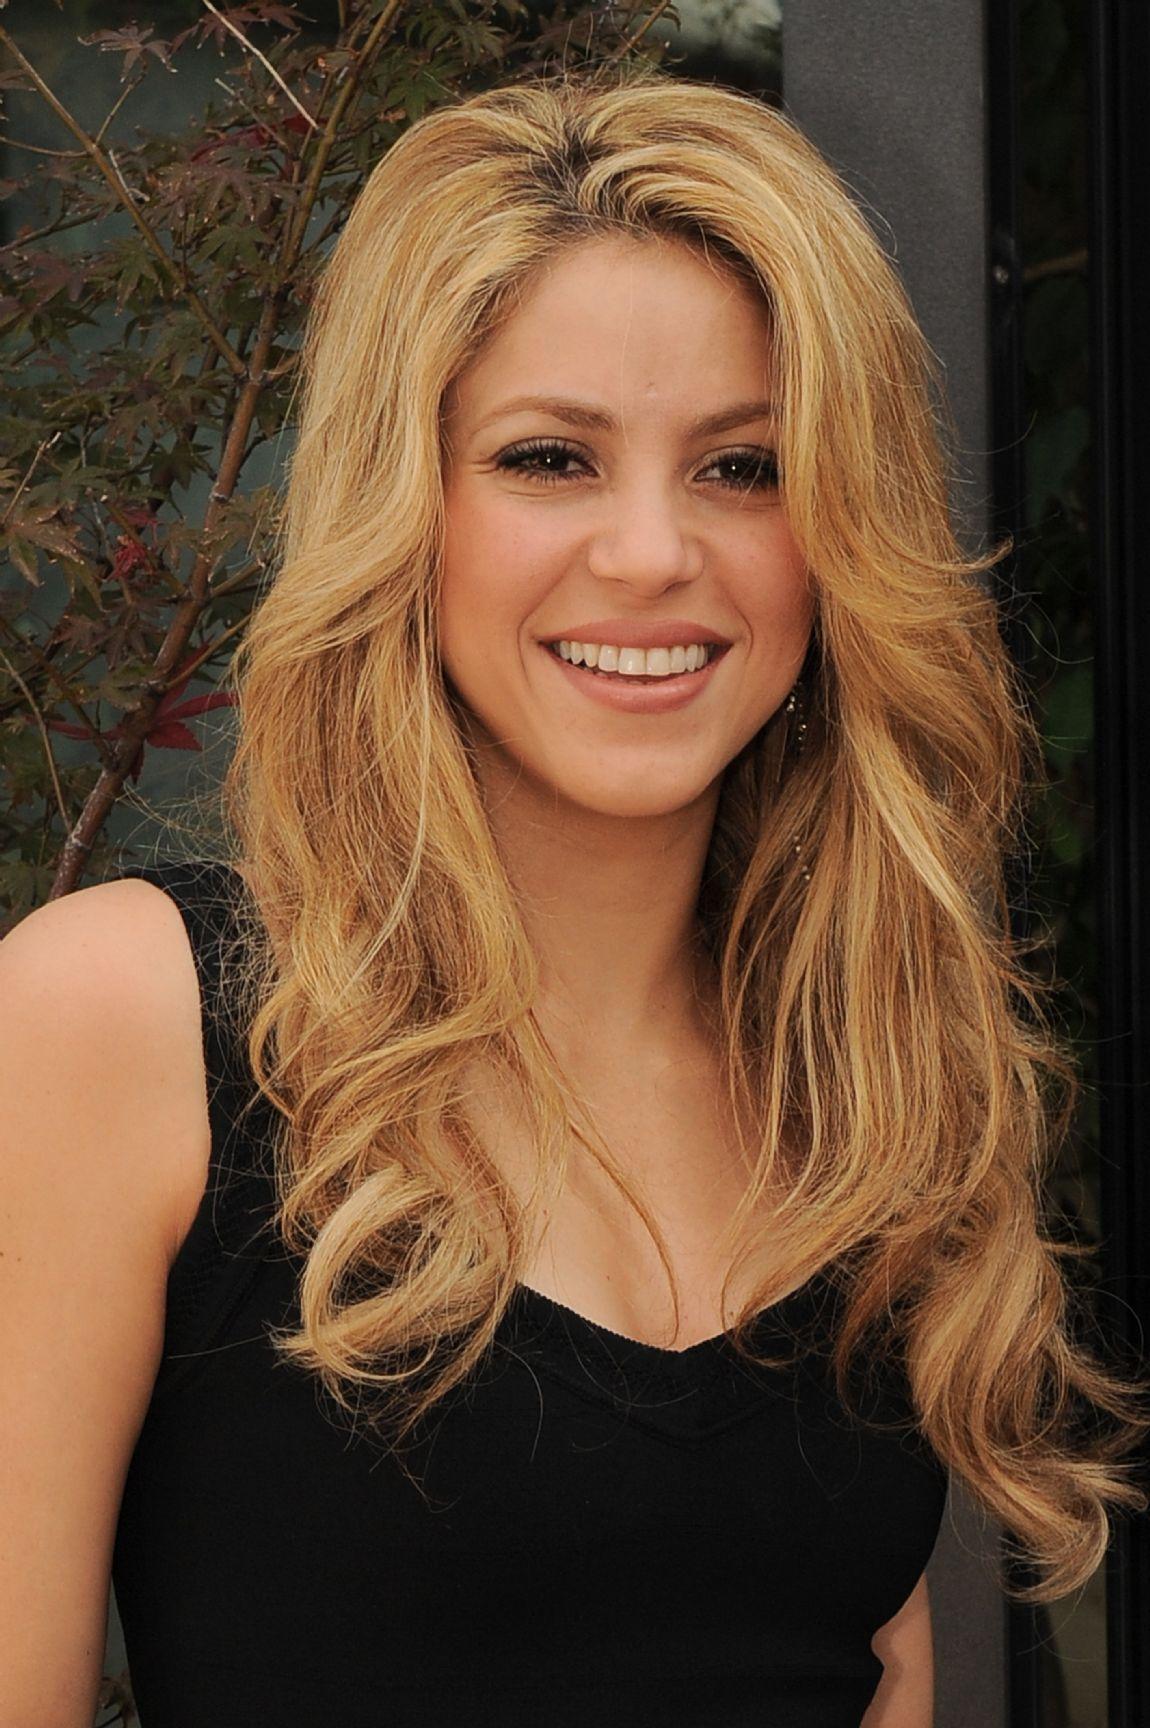 Shakira Mebarak photo ... Shakira